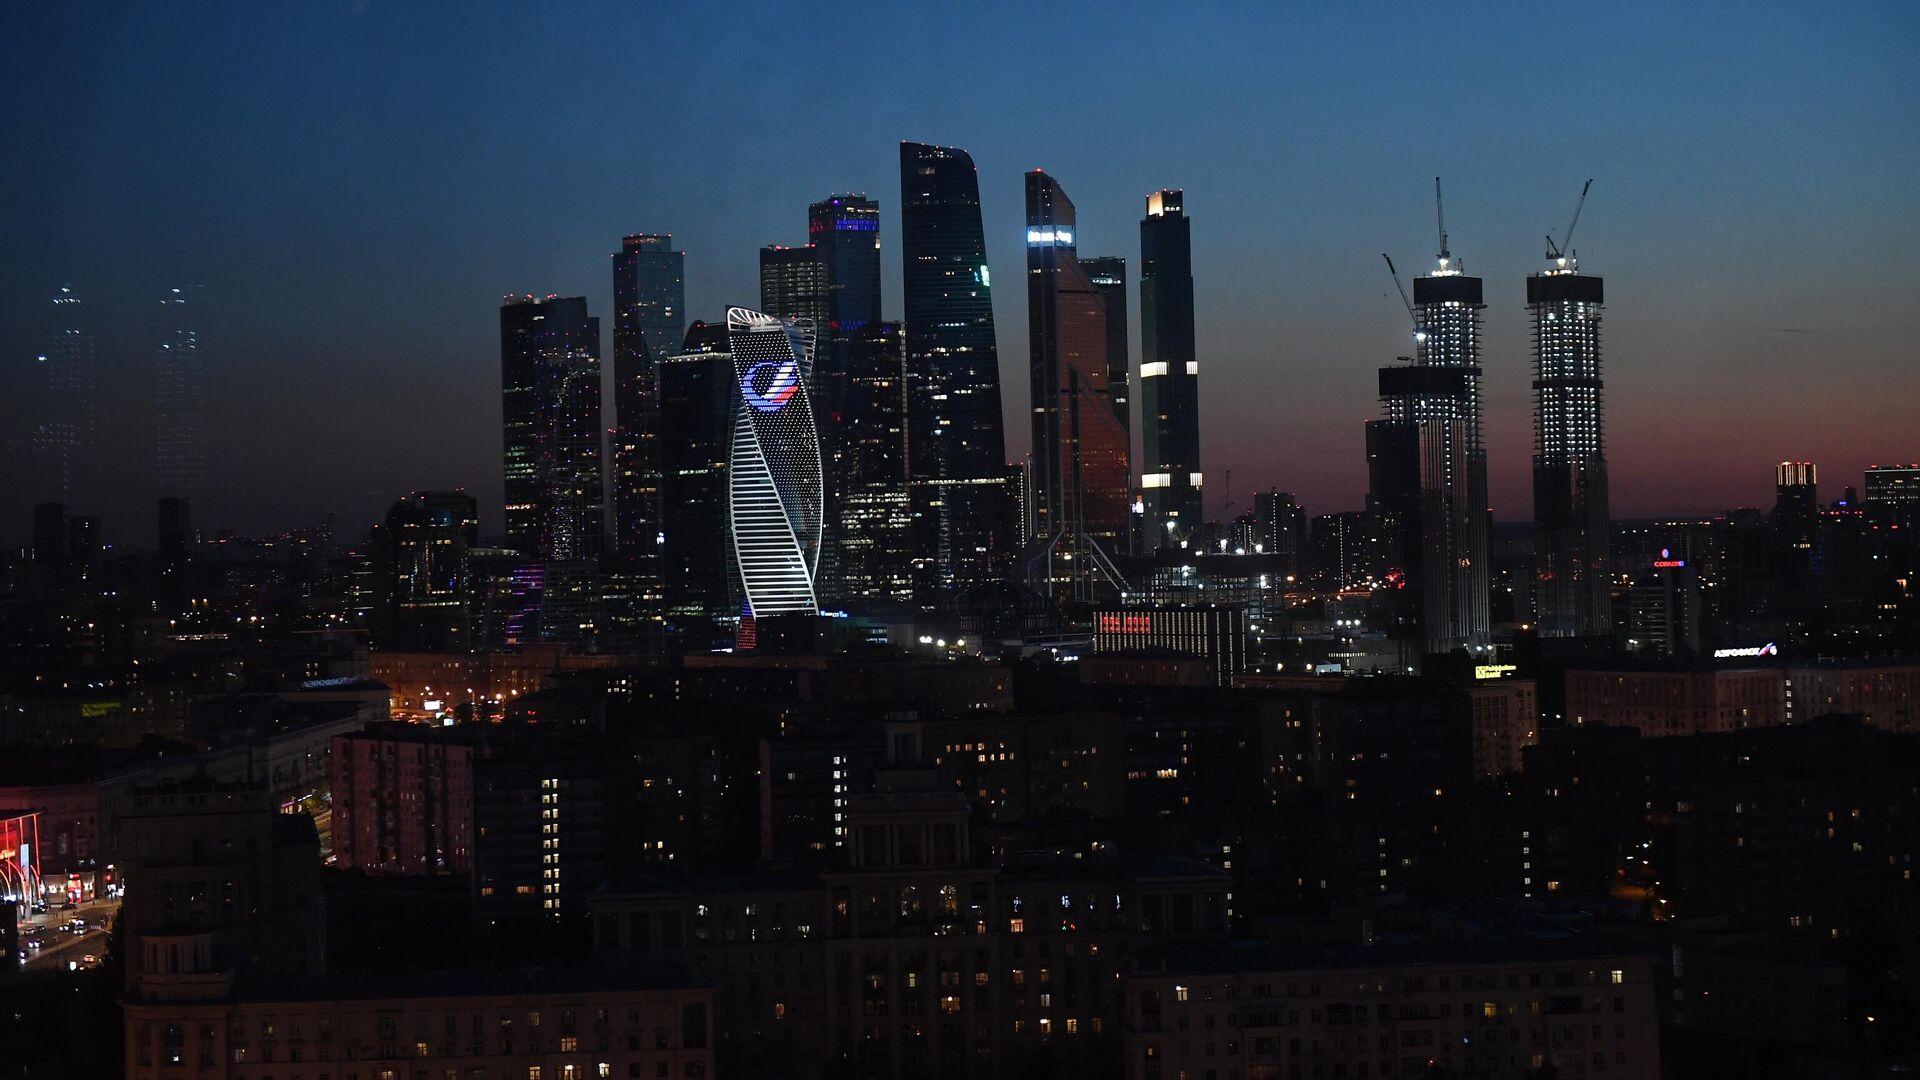 Вид на Московский международный деловой центр Москва-Сити - РИА Новости, 1920, 10.11.2020